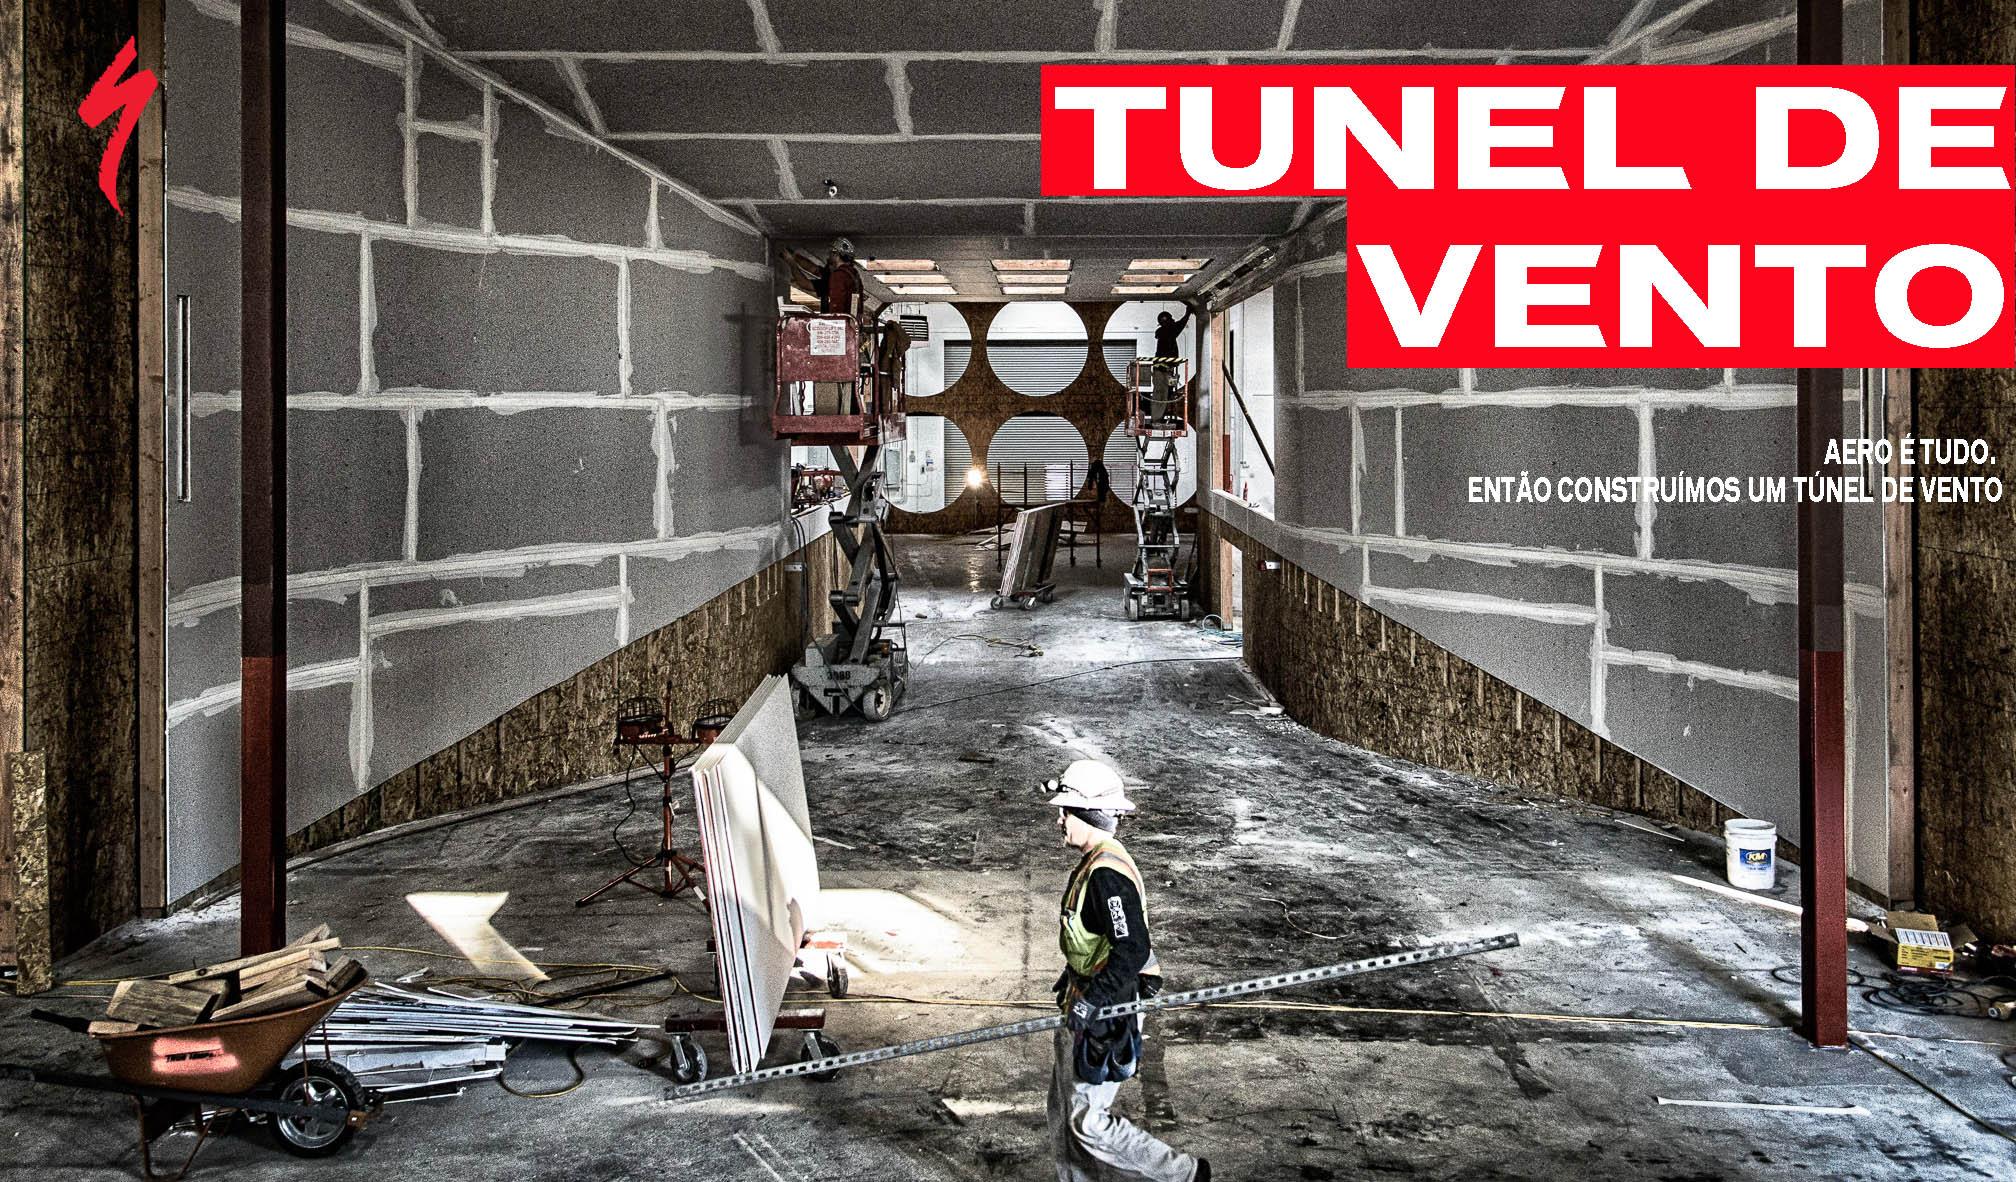 TUNEL DE VENTO